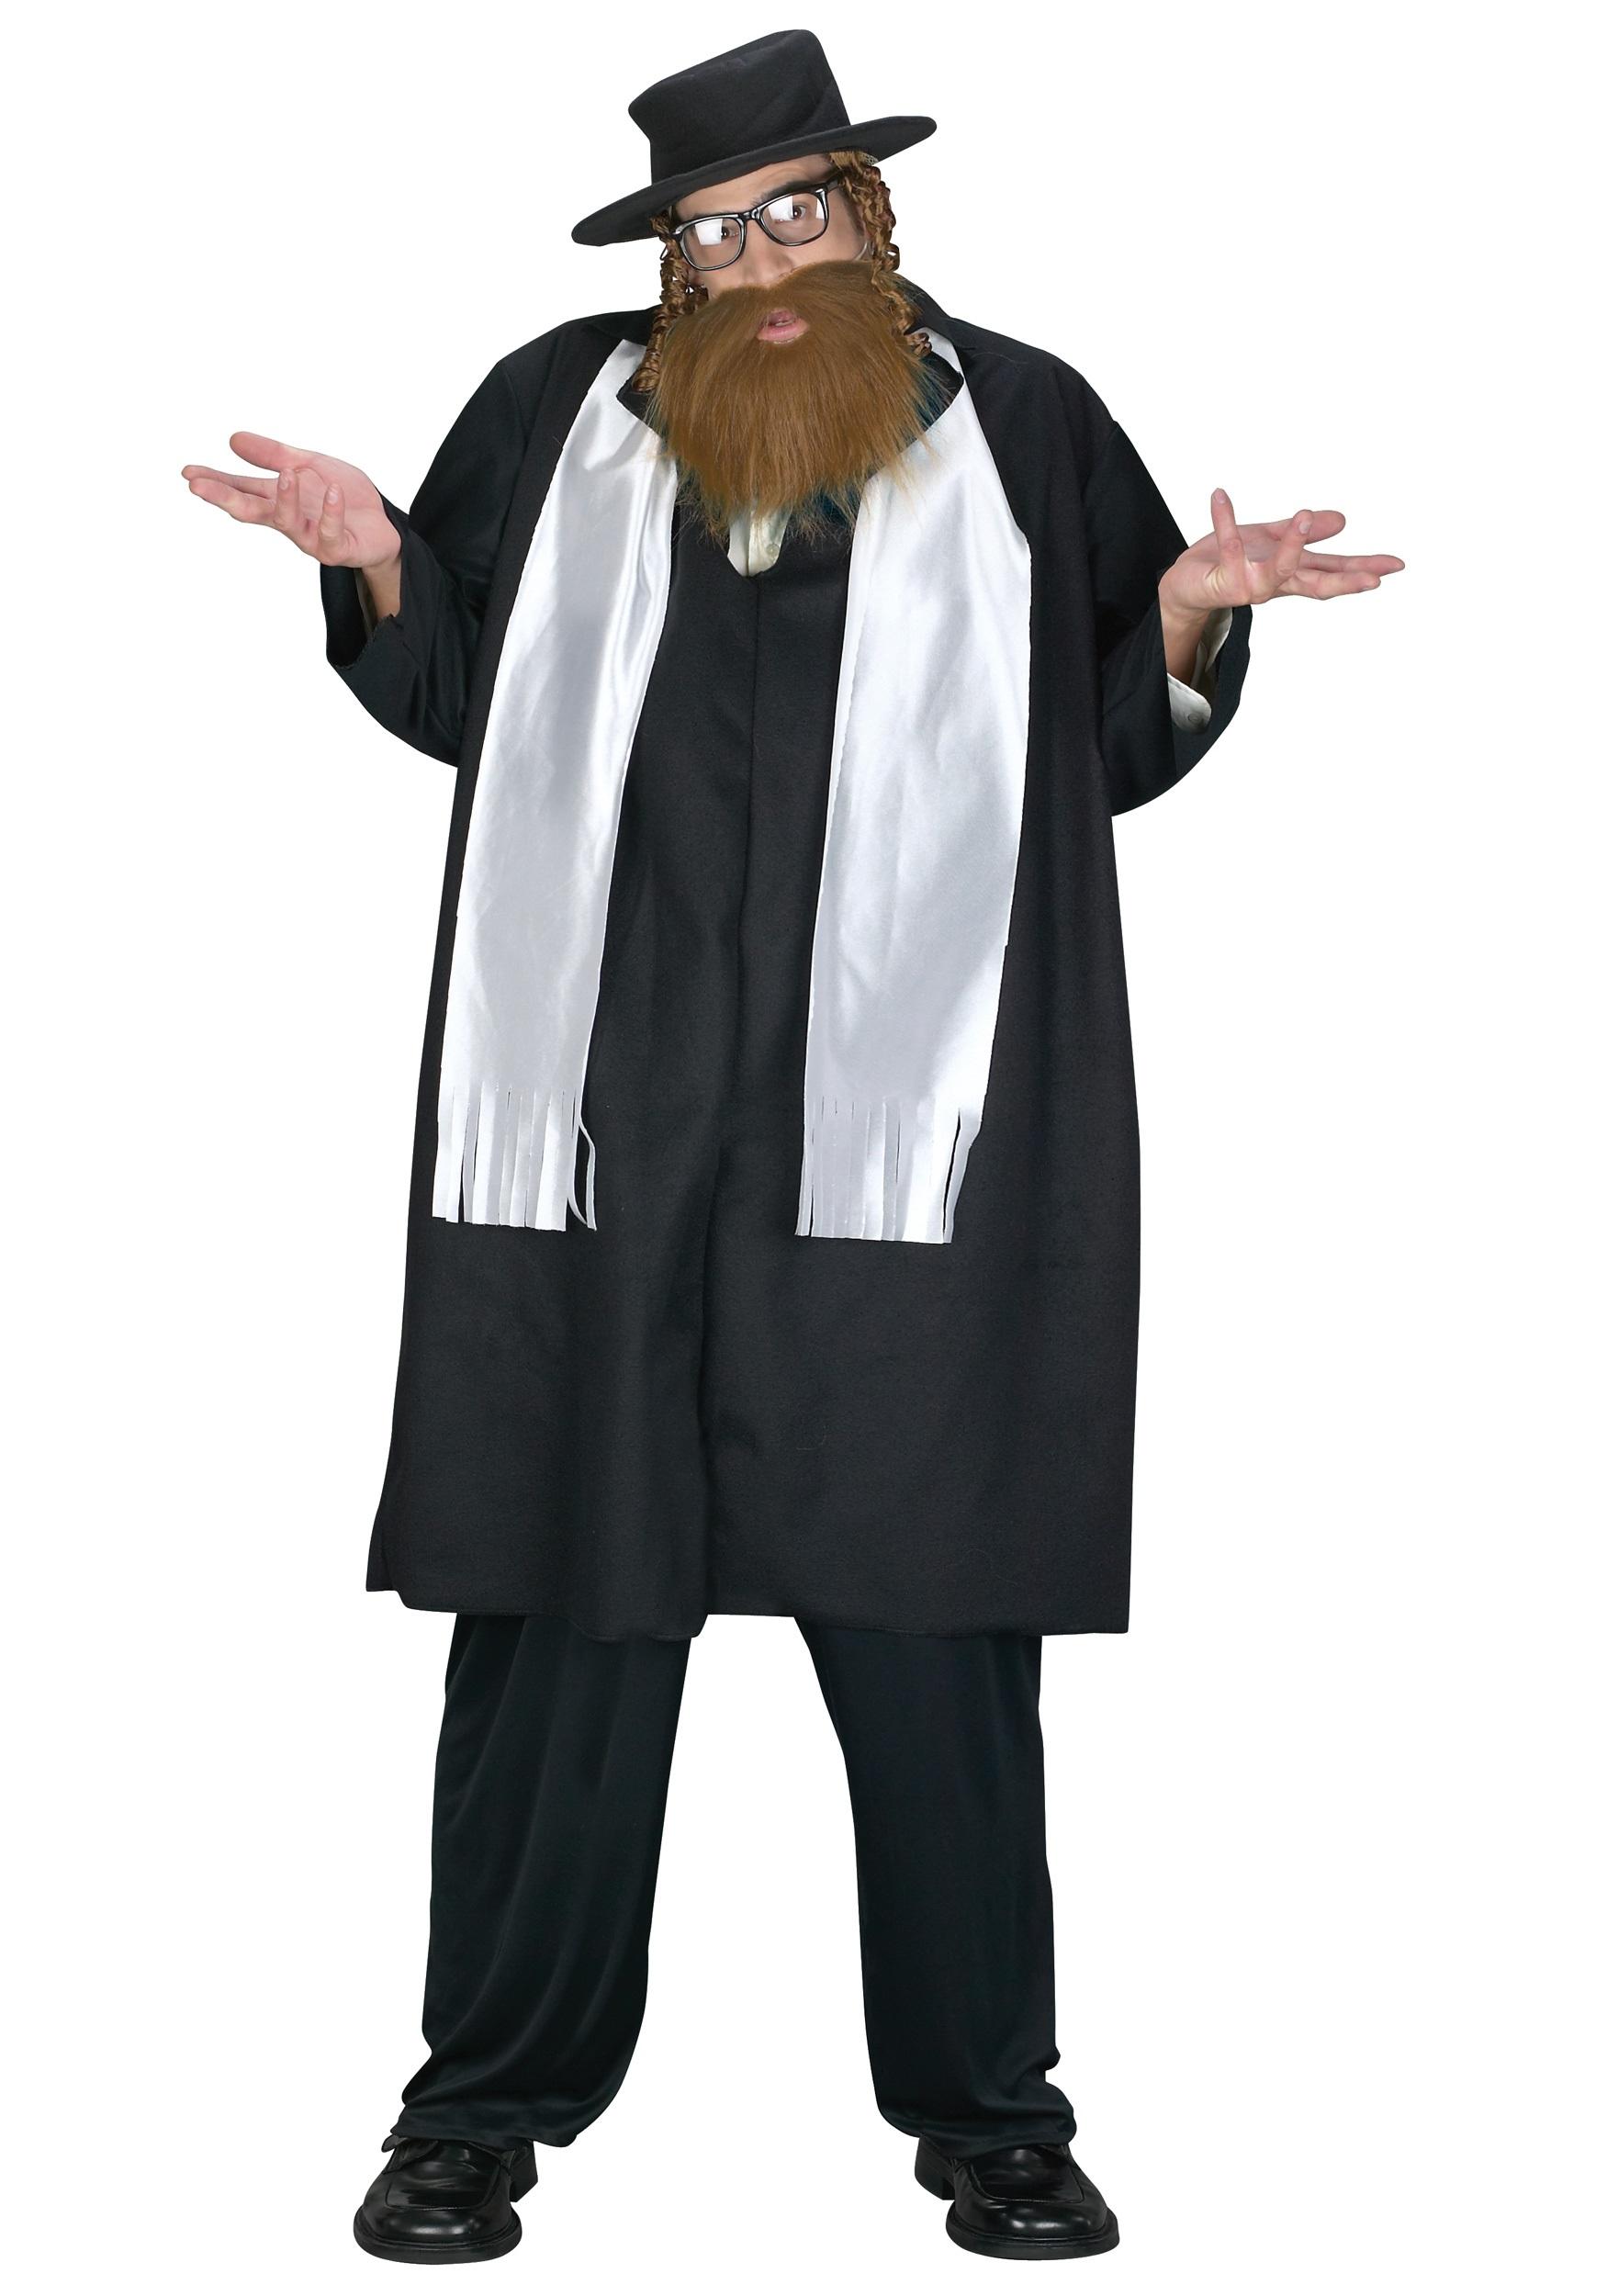 Размер костюма